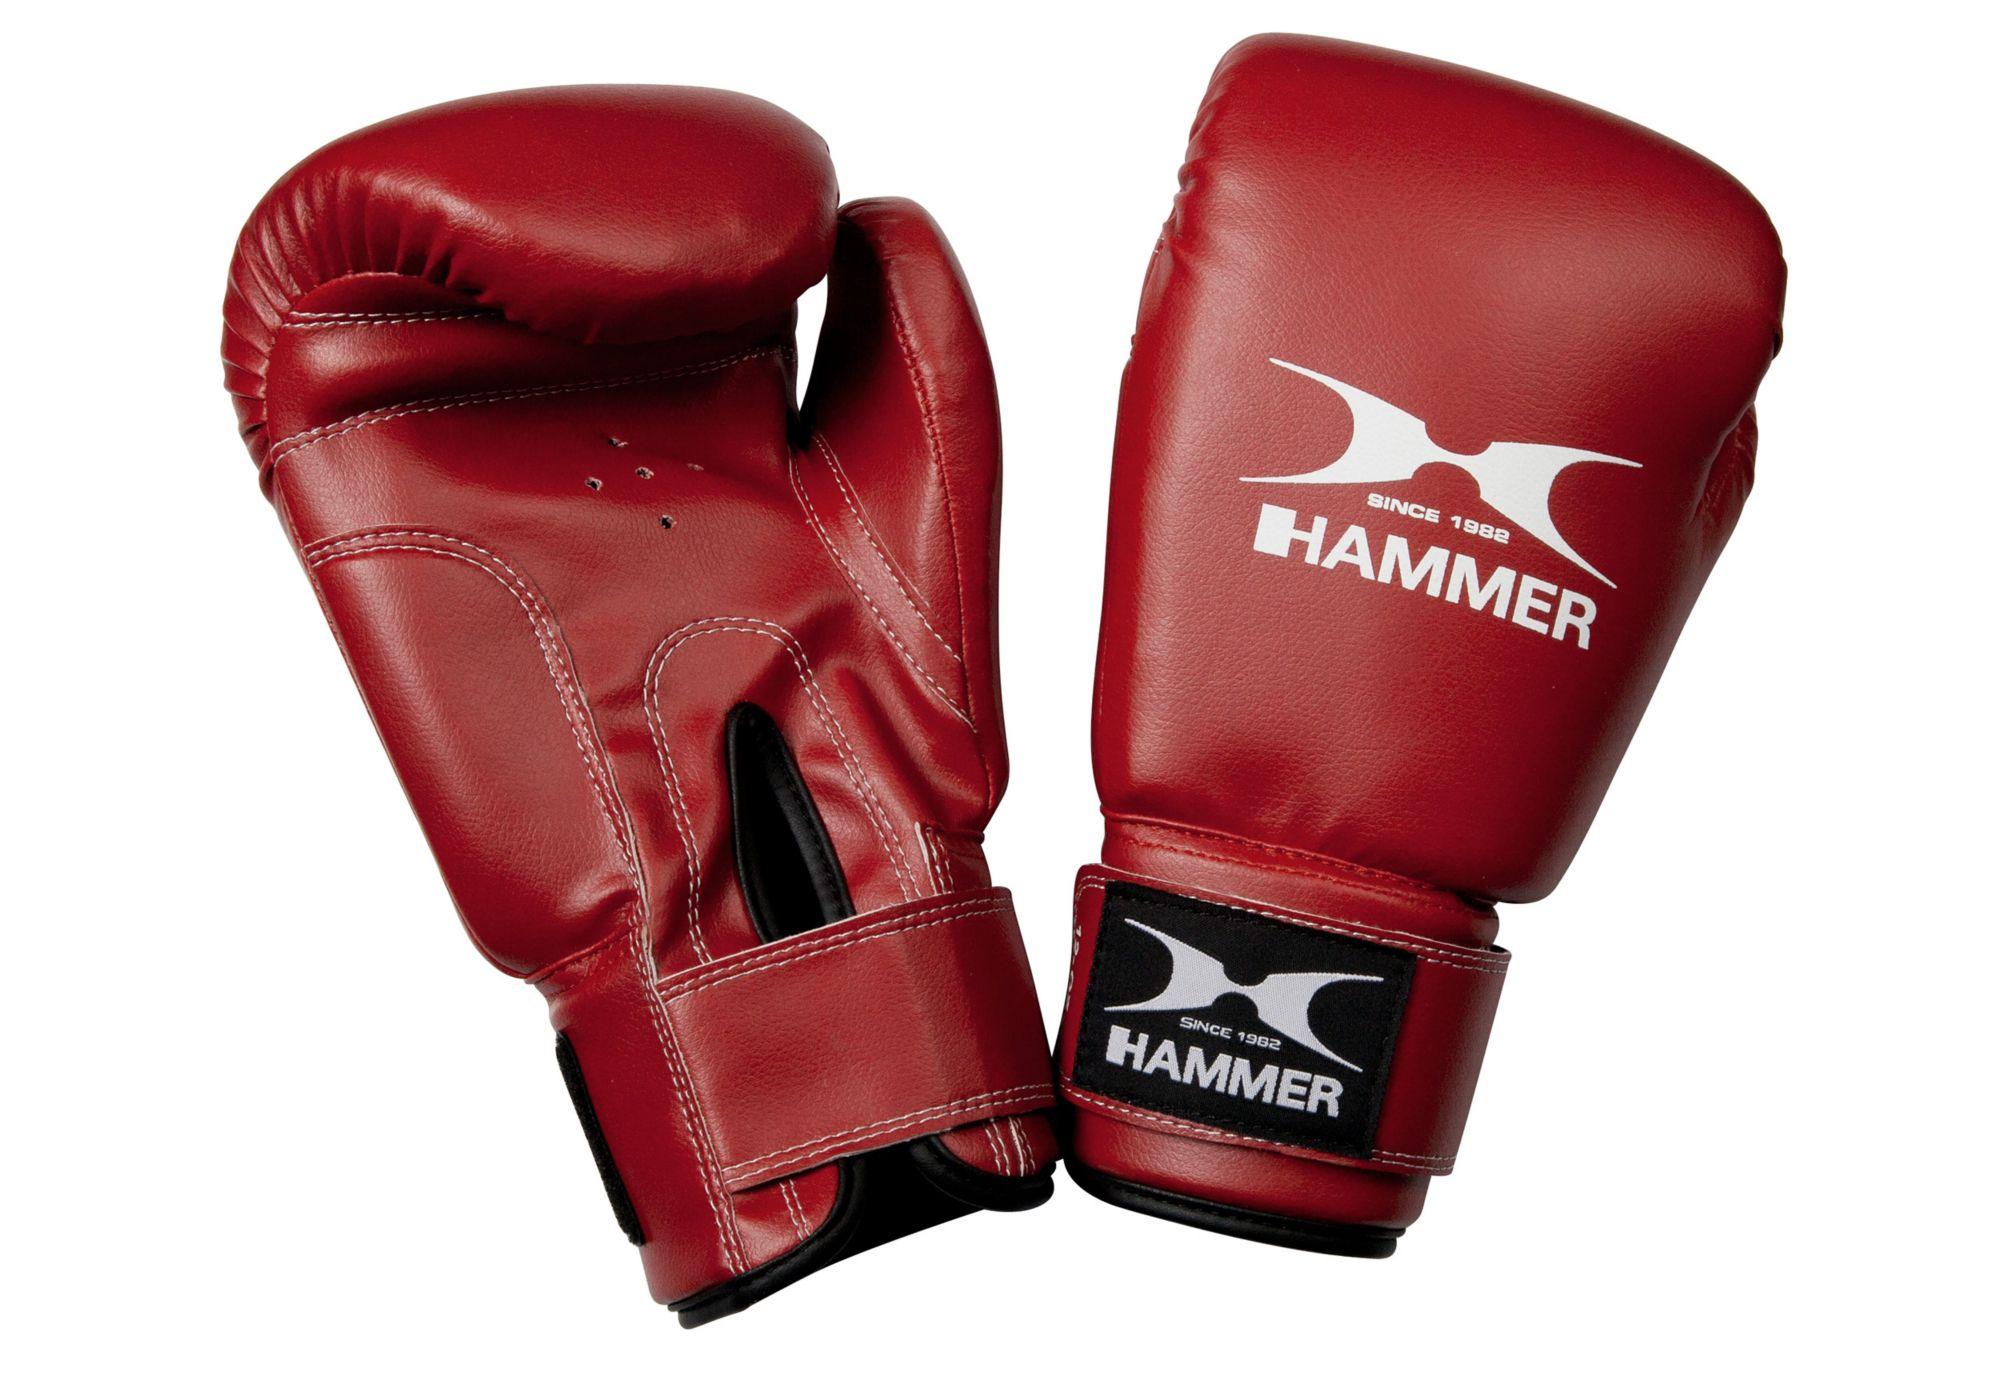 HAMMER Boxhandschuhe, Hammer®, »Fit«, PU, rot